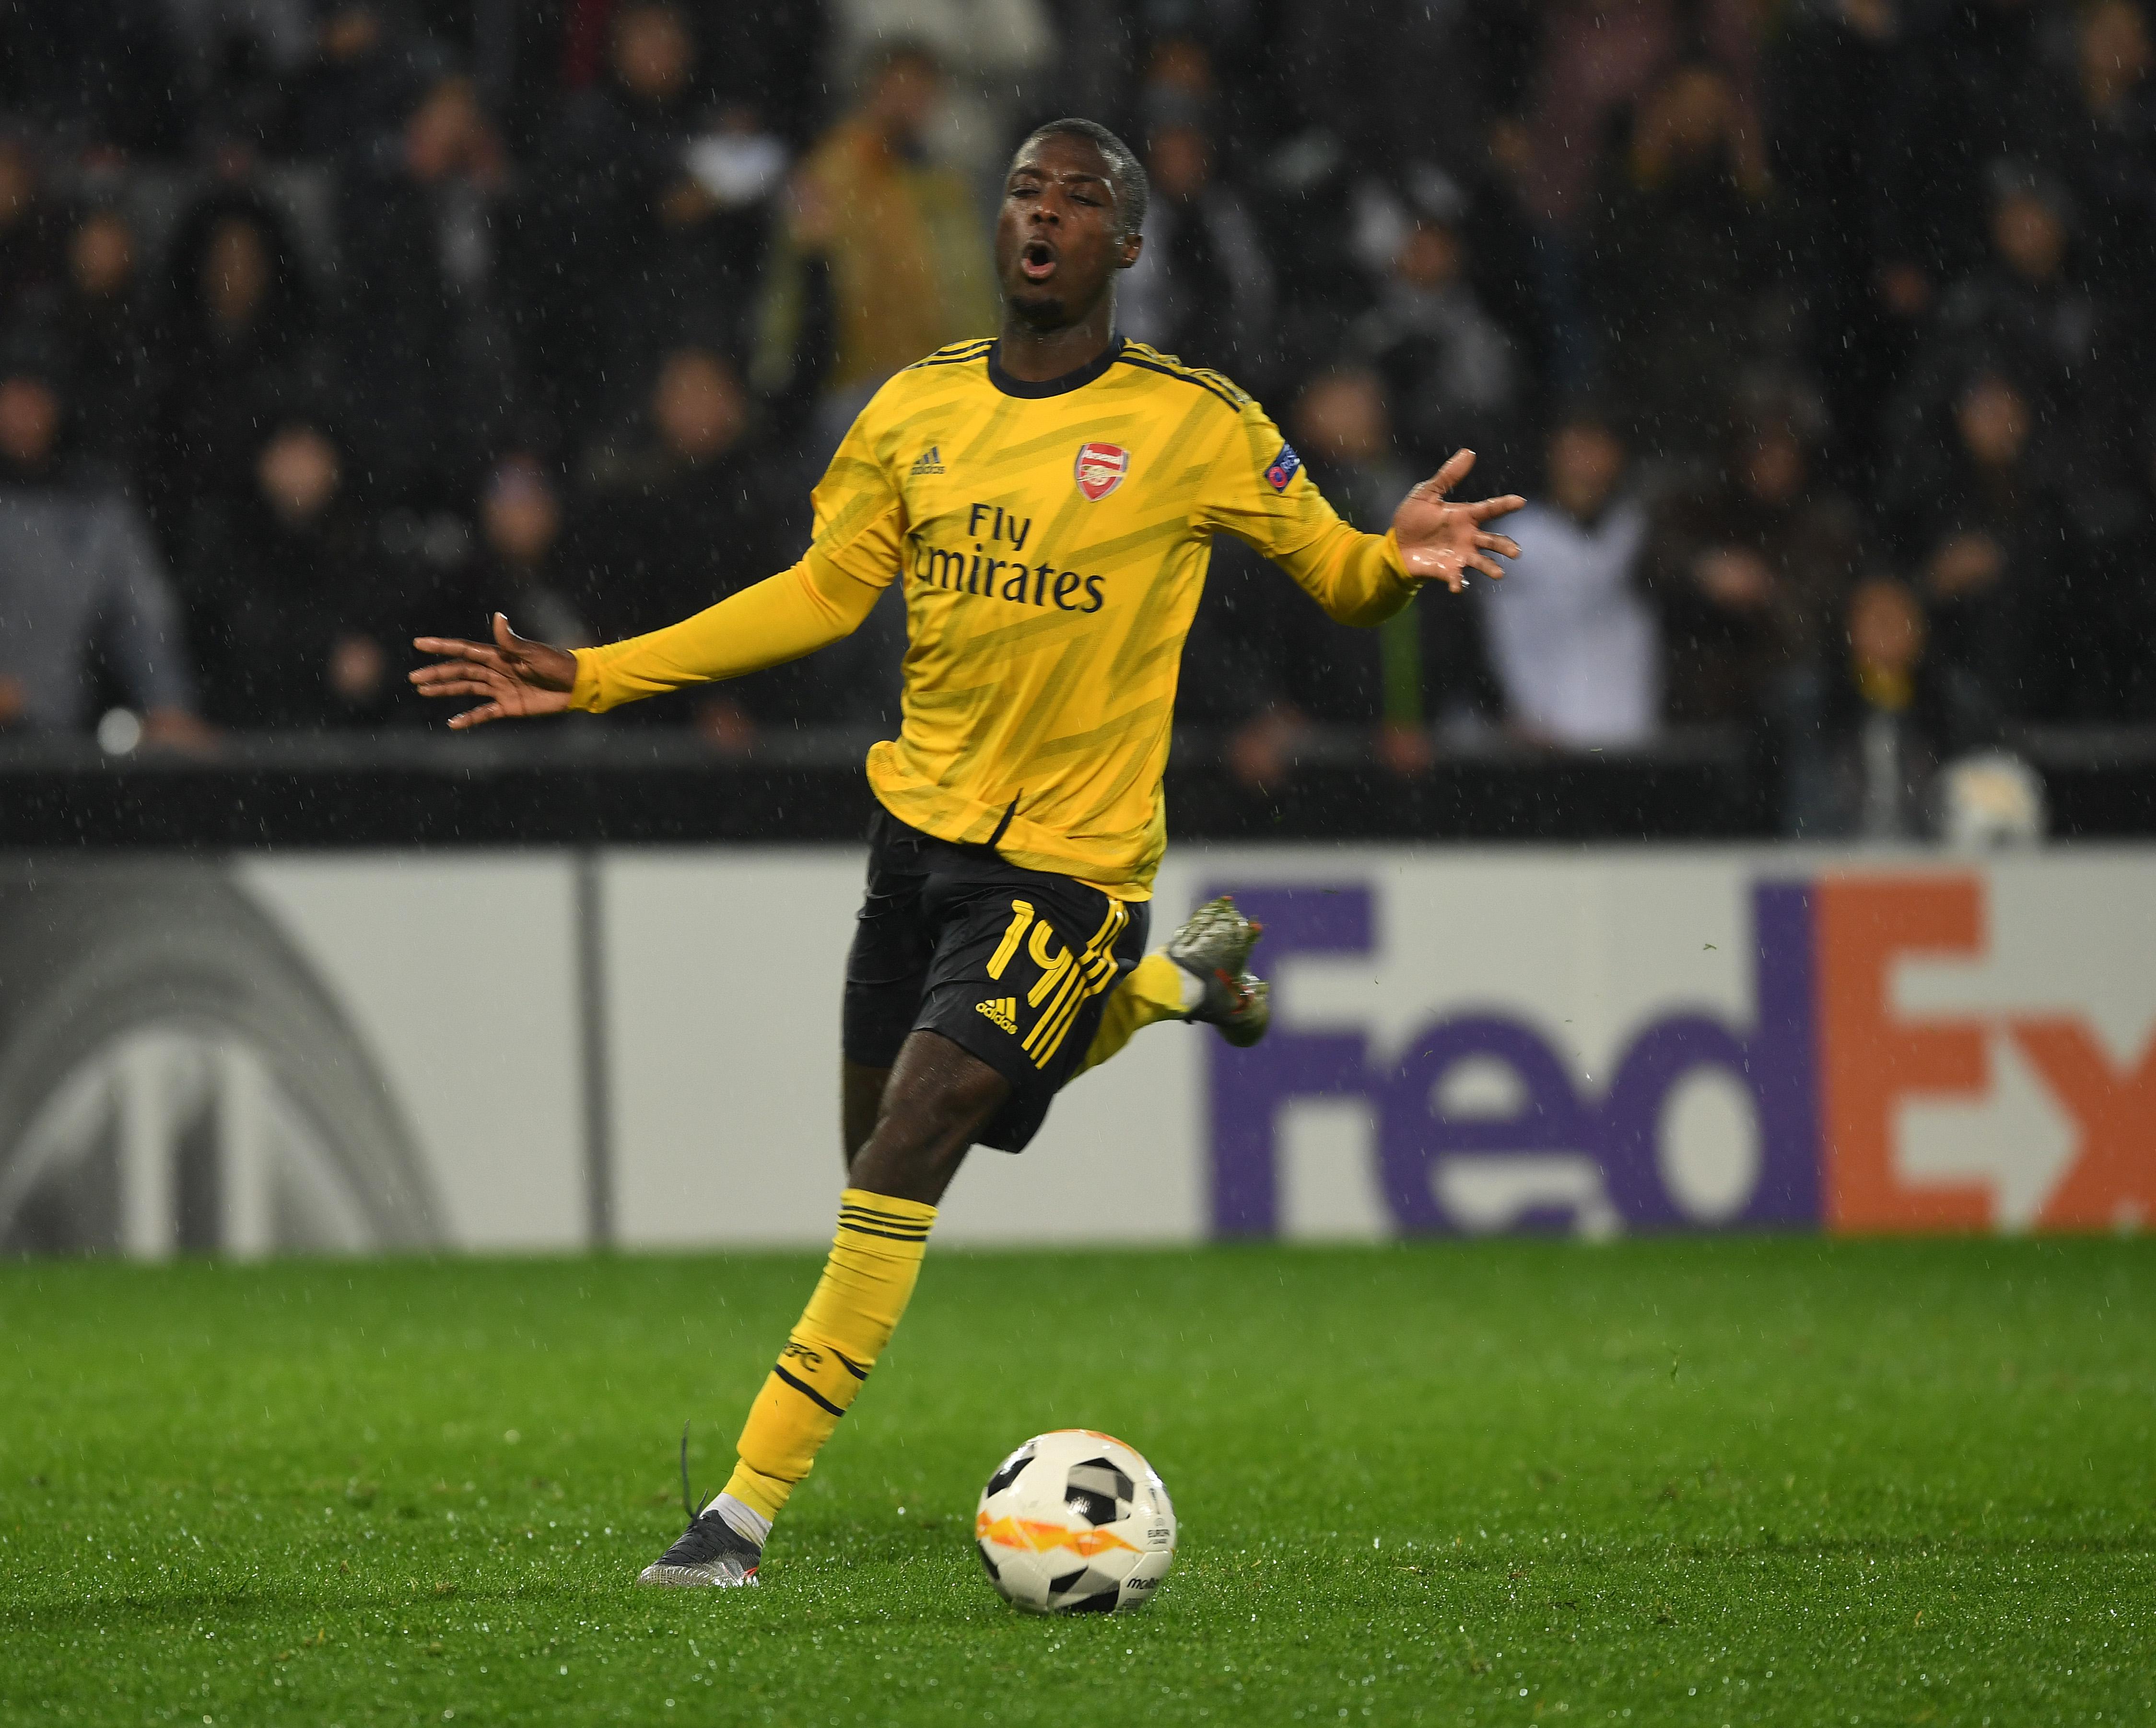 Vitoria Guimaraes v Arsenal FC: Group F - UEFA Europa League